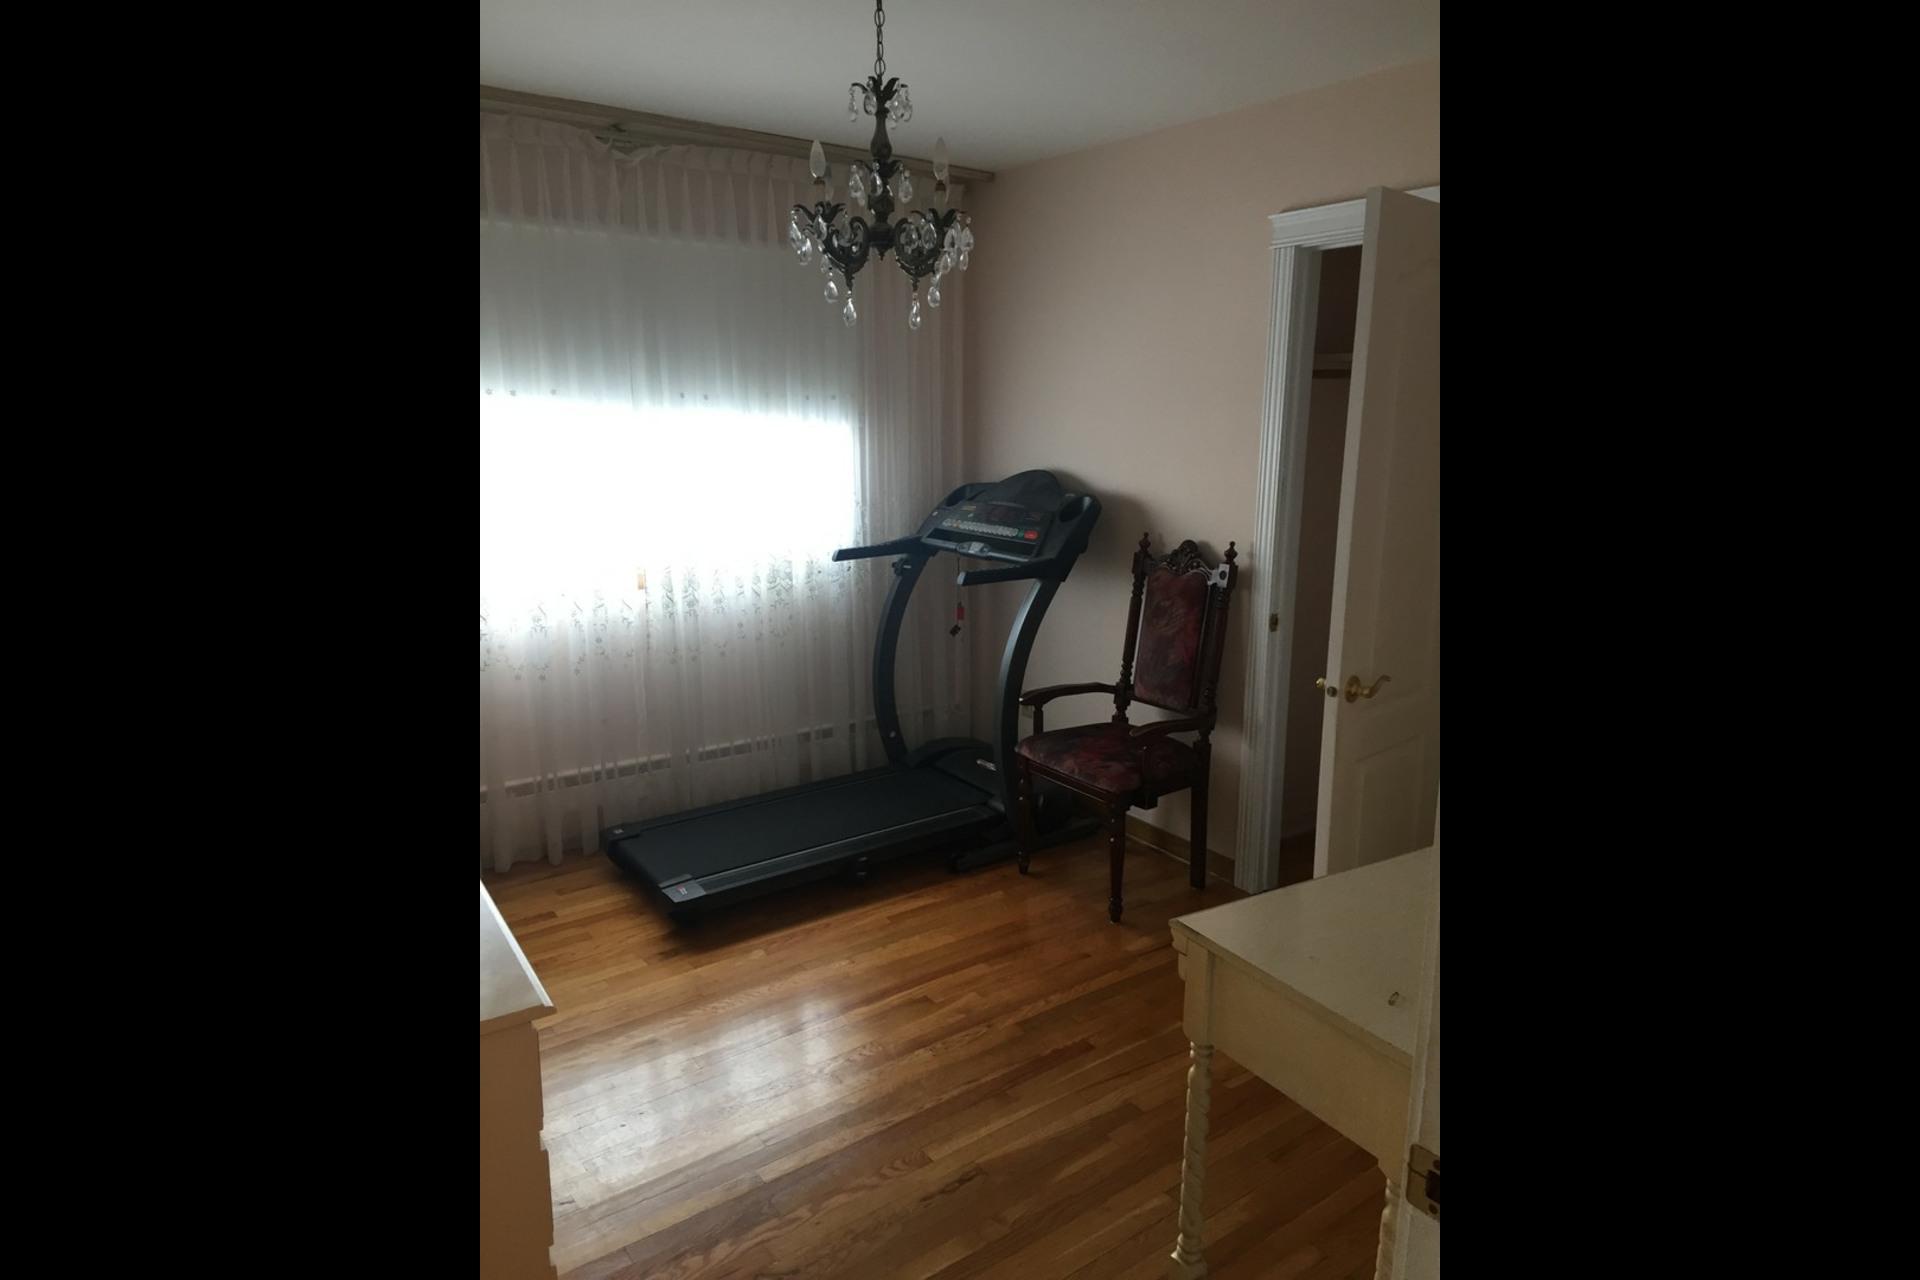 image 7 - Appartement À louer Montréal Saint-Leonard - 6 pièces